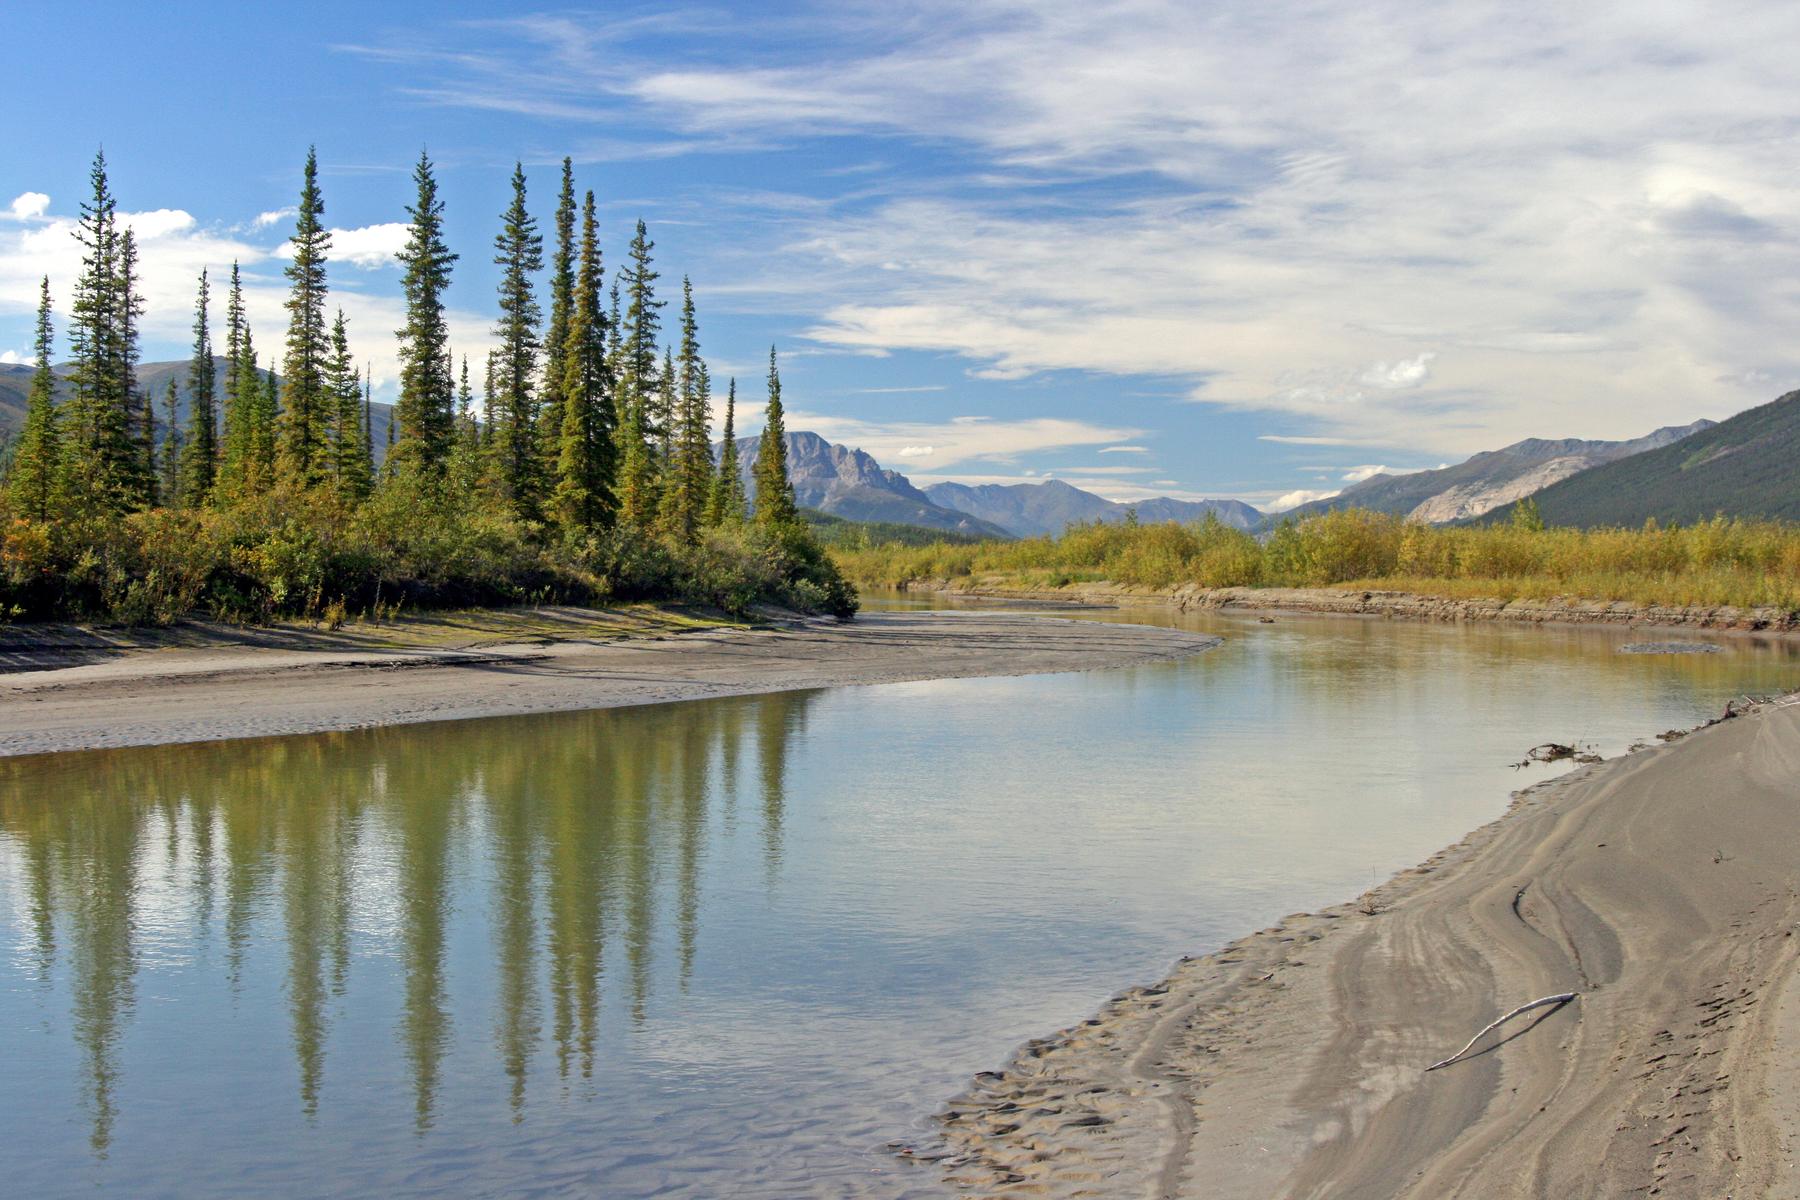 Alatna River, Gates of the Arctic National Park, Alaska